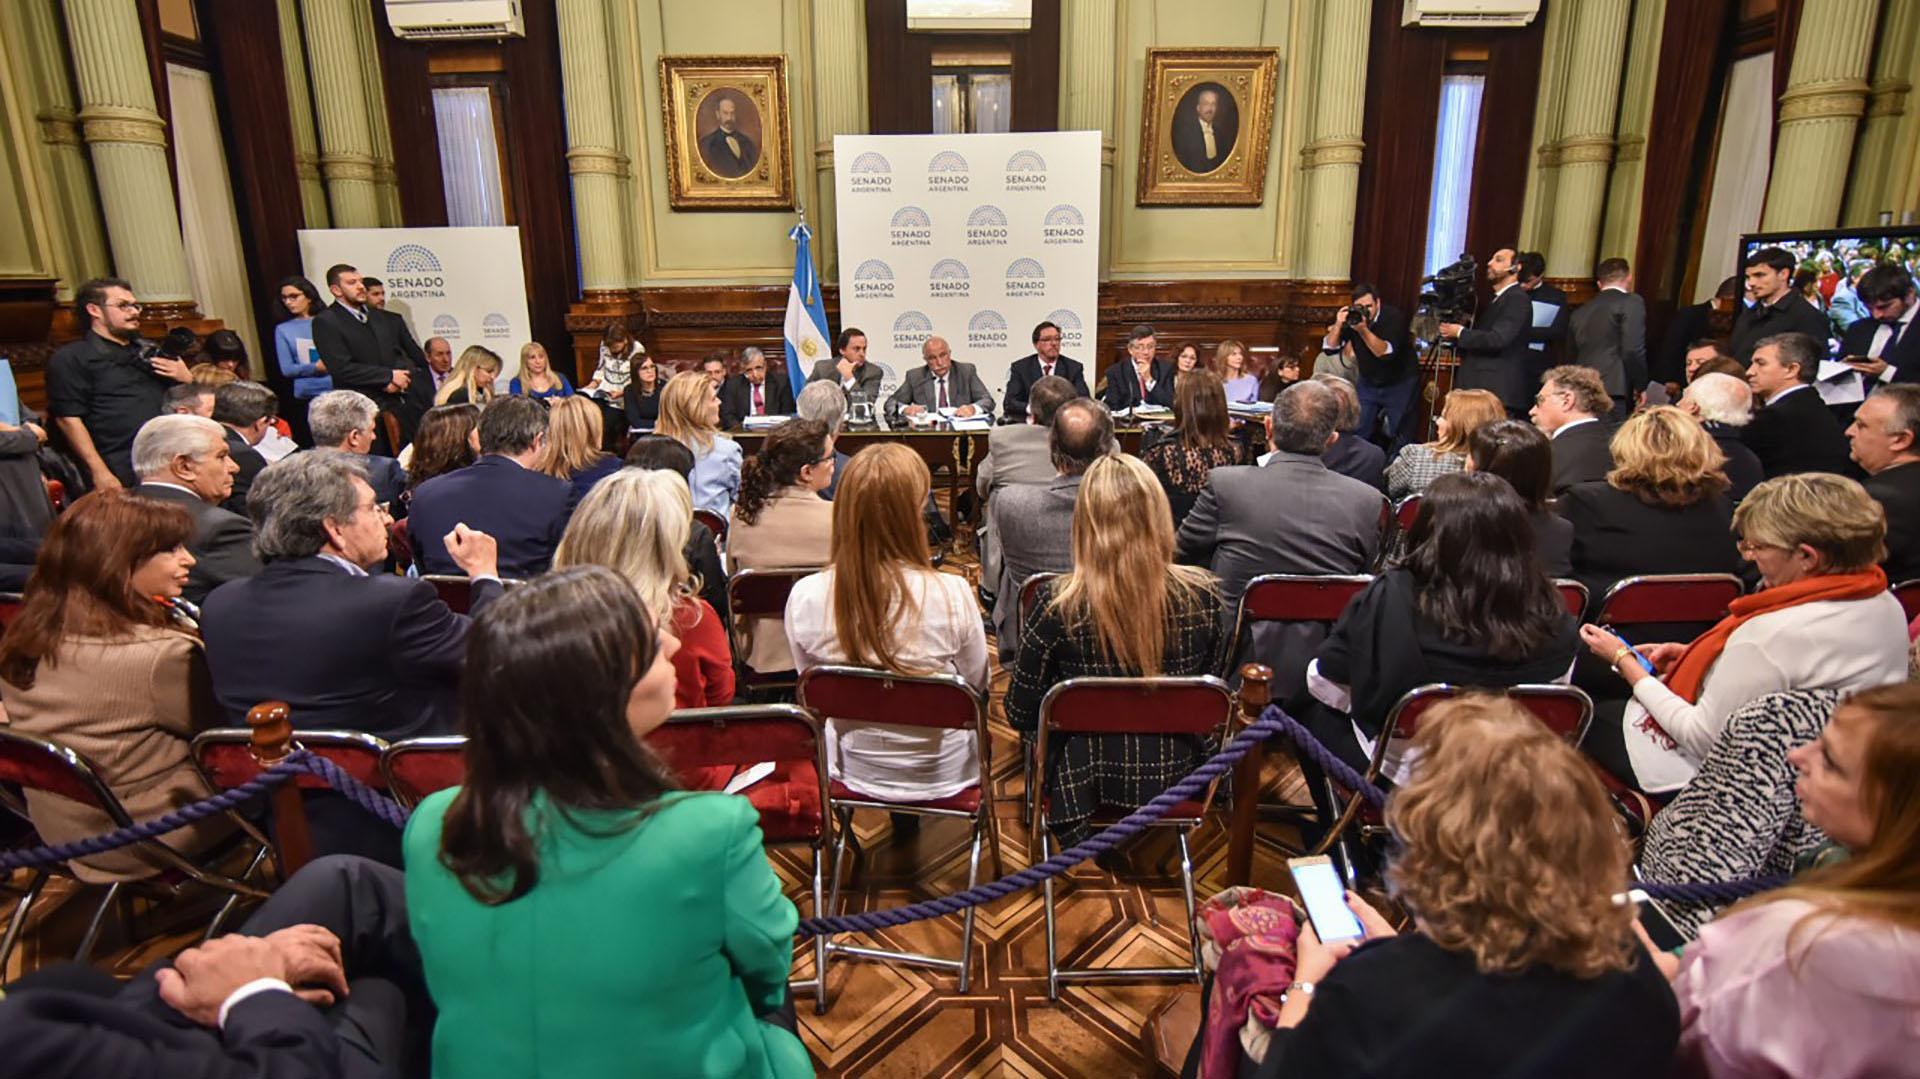 Una de las últimas audiencias en Senado argentino previa a la votación (Guille Llamos)